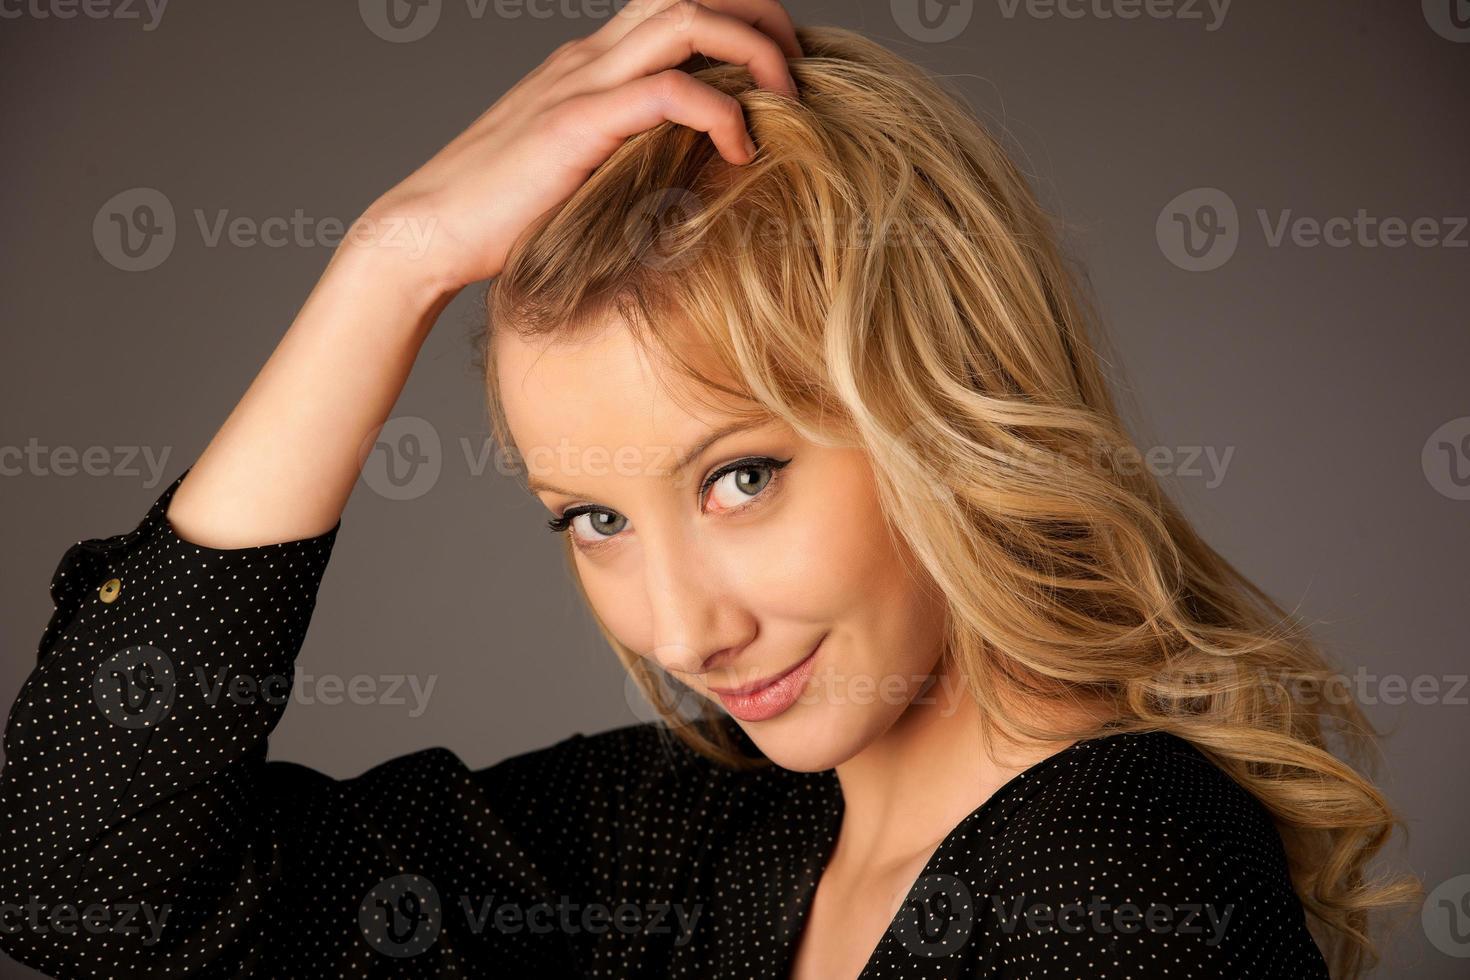 imagem do retrato de uma bela jovem caucasiana foto